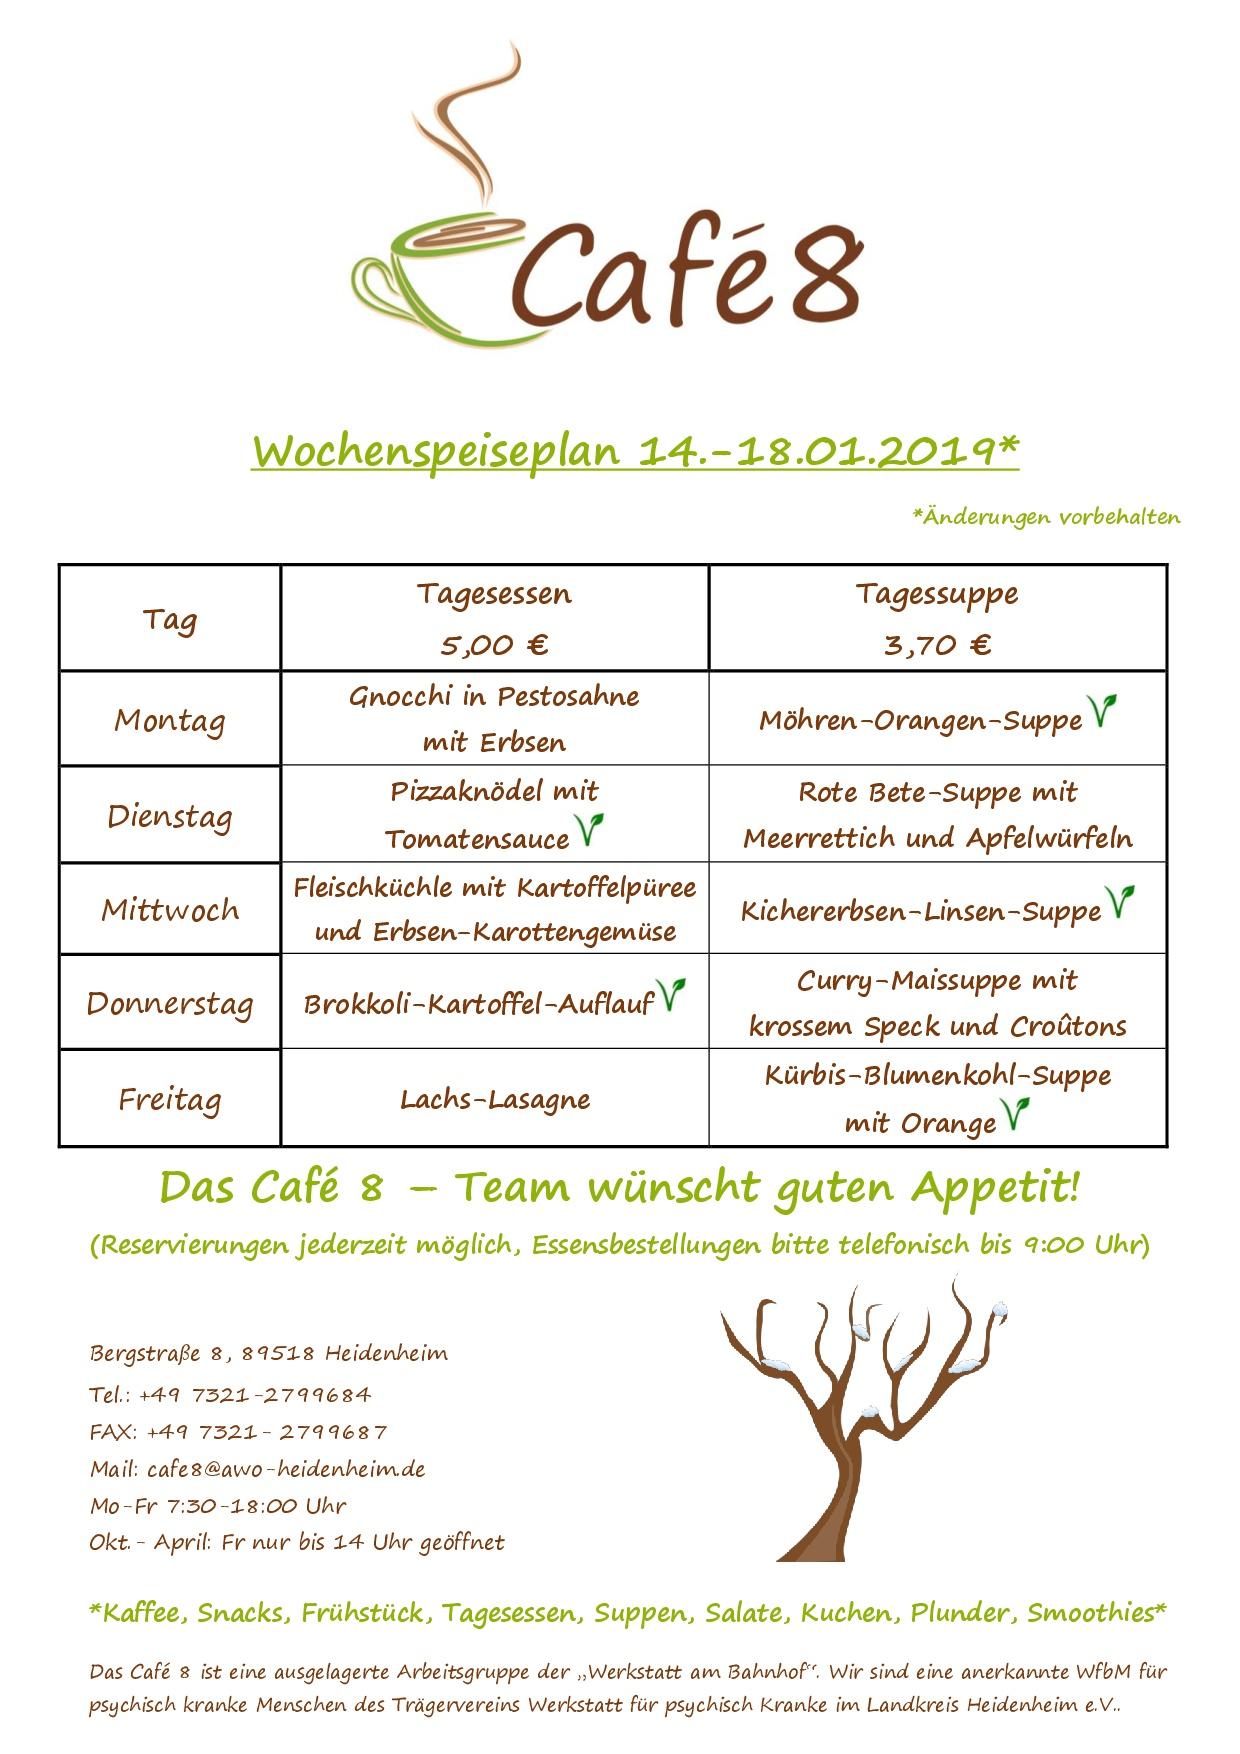 Cafe8_Wochenspeiseplan_KW03